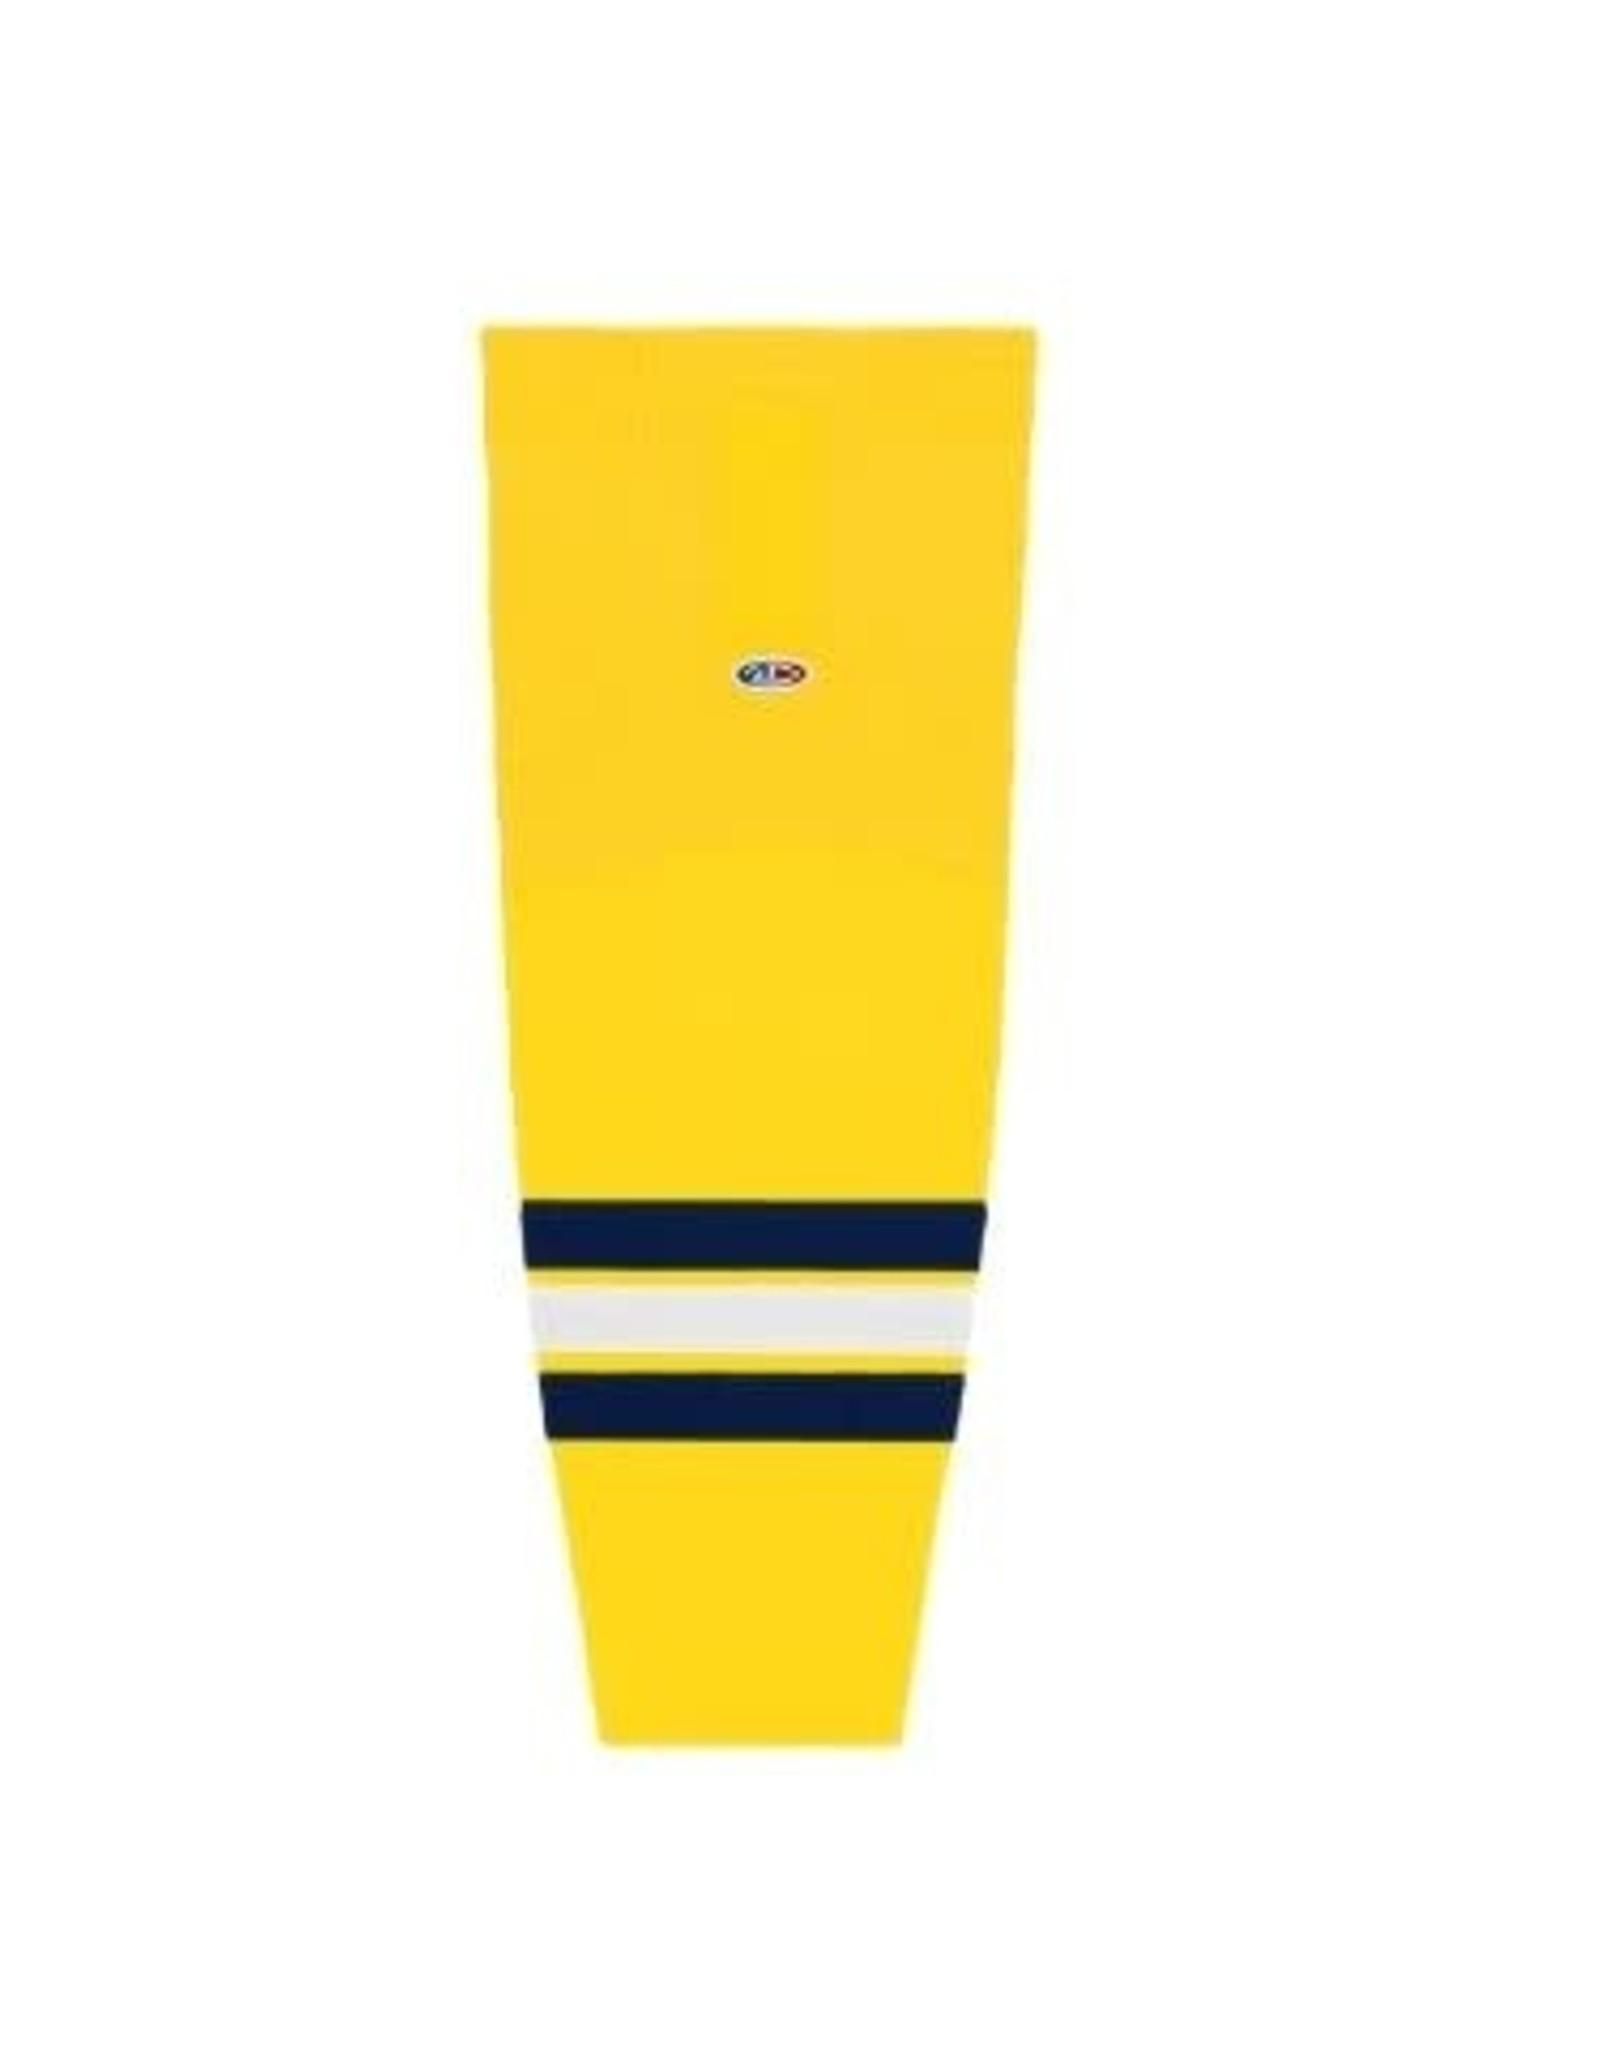 AK Sting AK Game Socks (Yellow) INTERMEDIATE